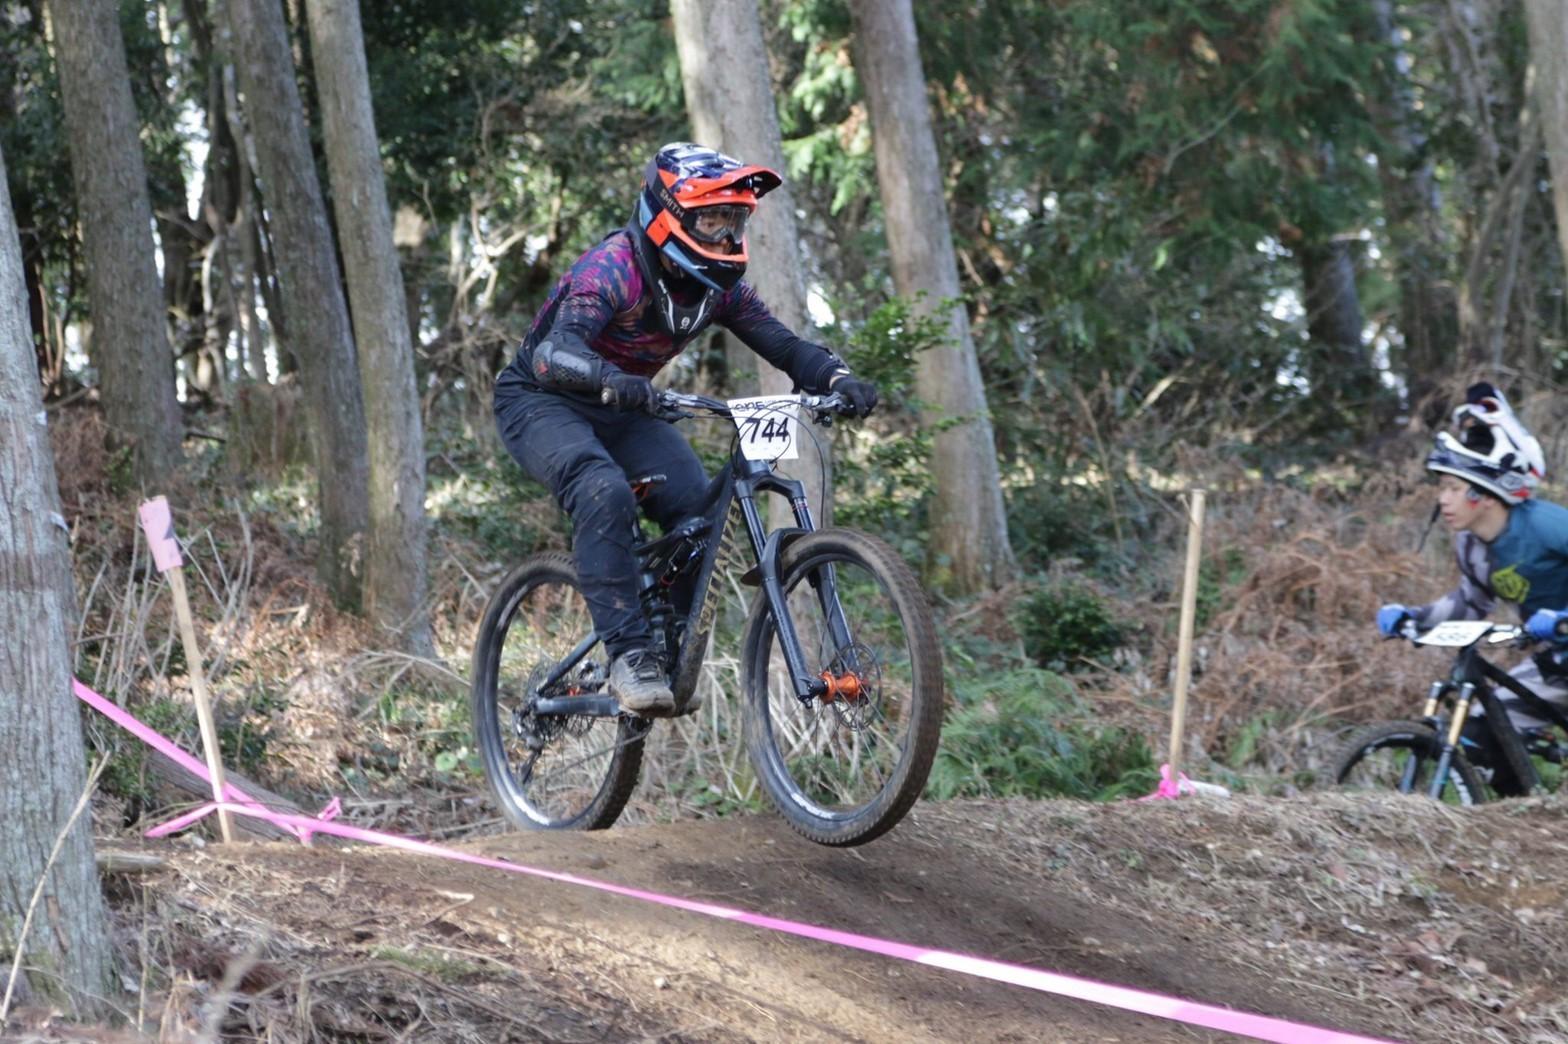 カワサキサイクリングクラブの活動_d0108817_09493085.jpg